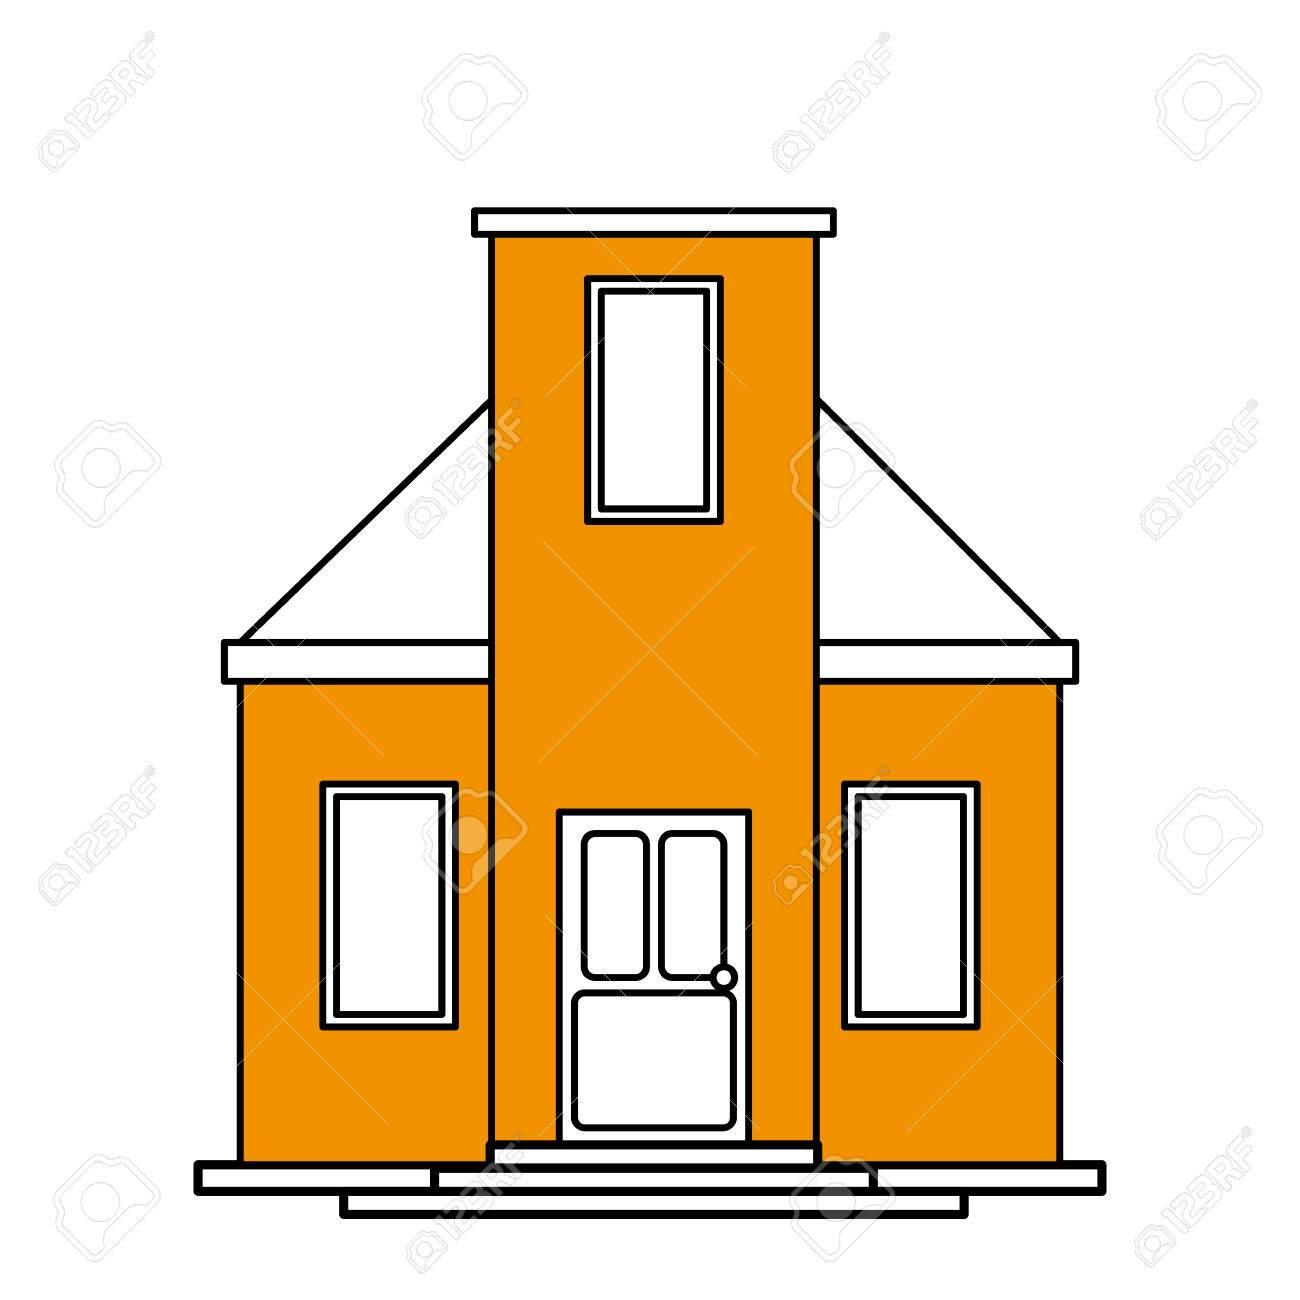 Couleur Silhouette Dessin Animé Jaune Façade Style Maison Moderne Sans Toit Vecteur Illustration